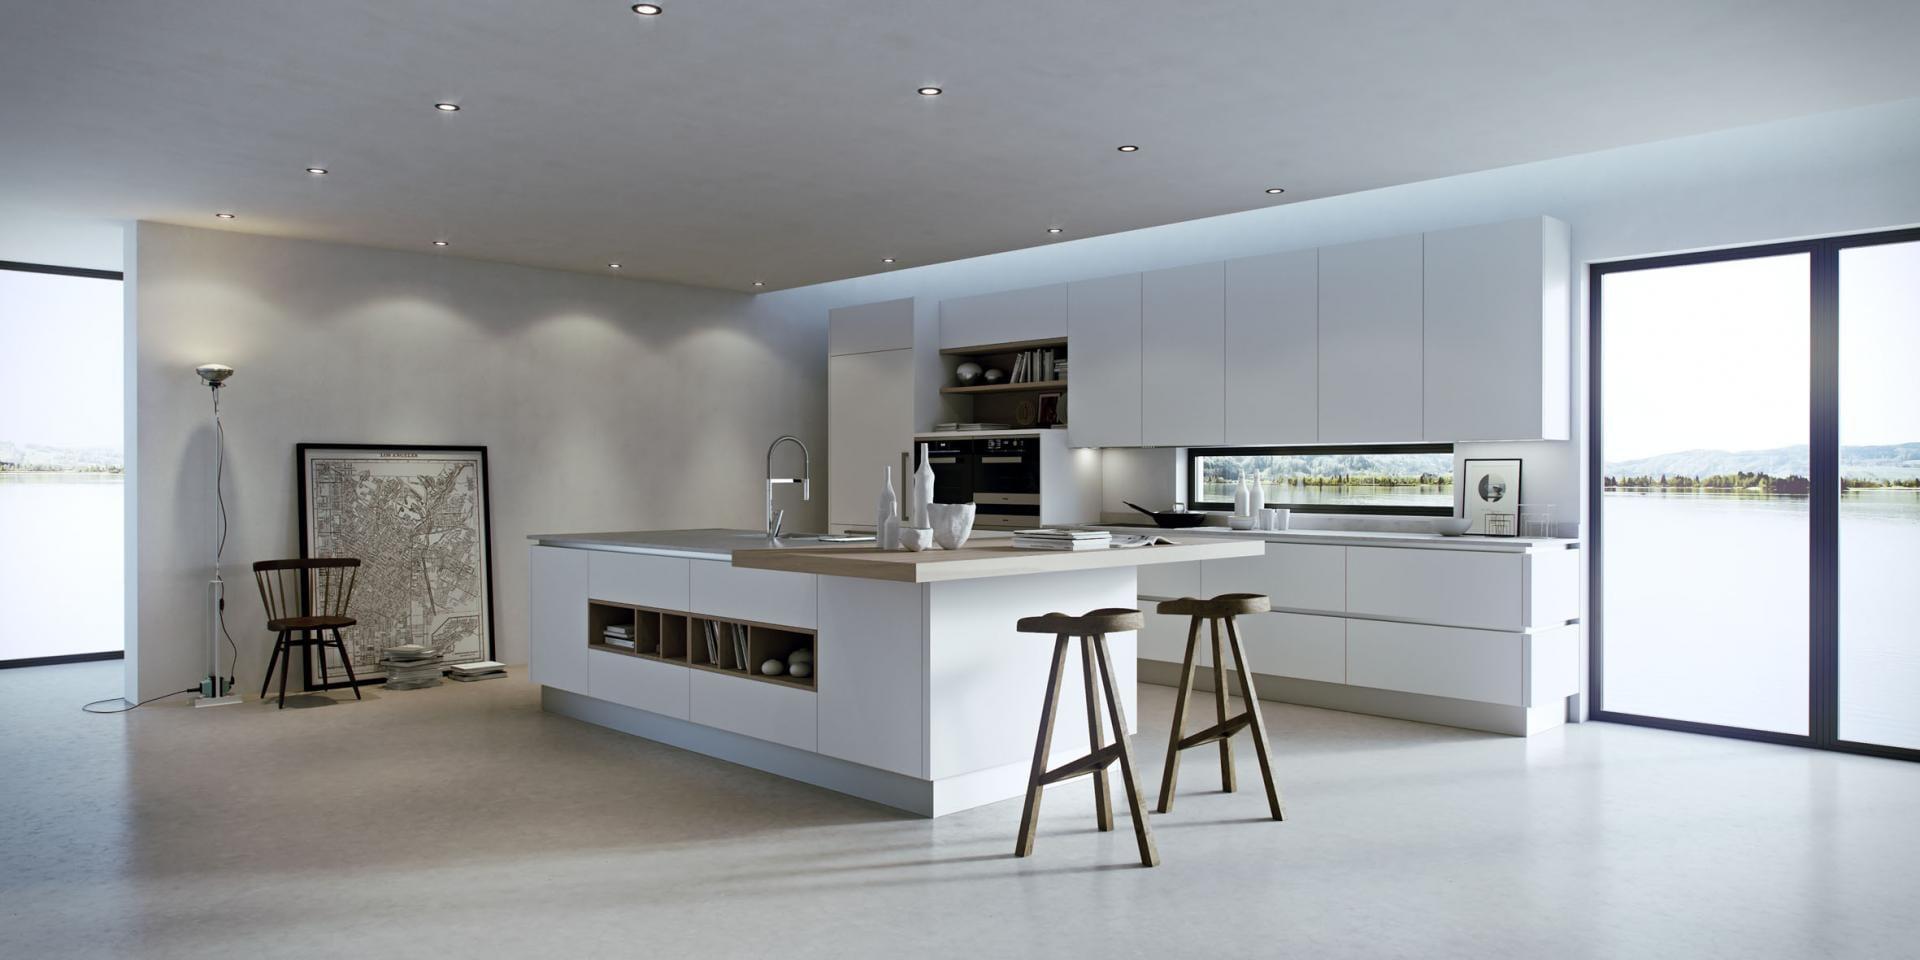 kleine küche einrichtung mit kochinsel idee